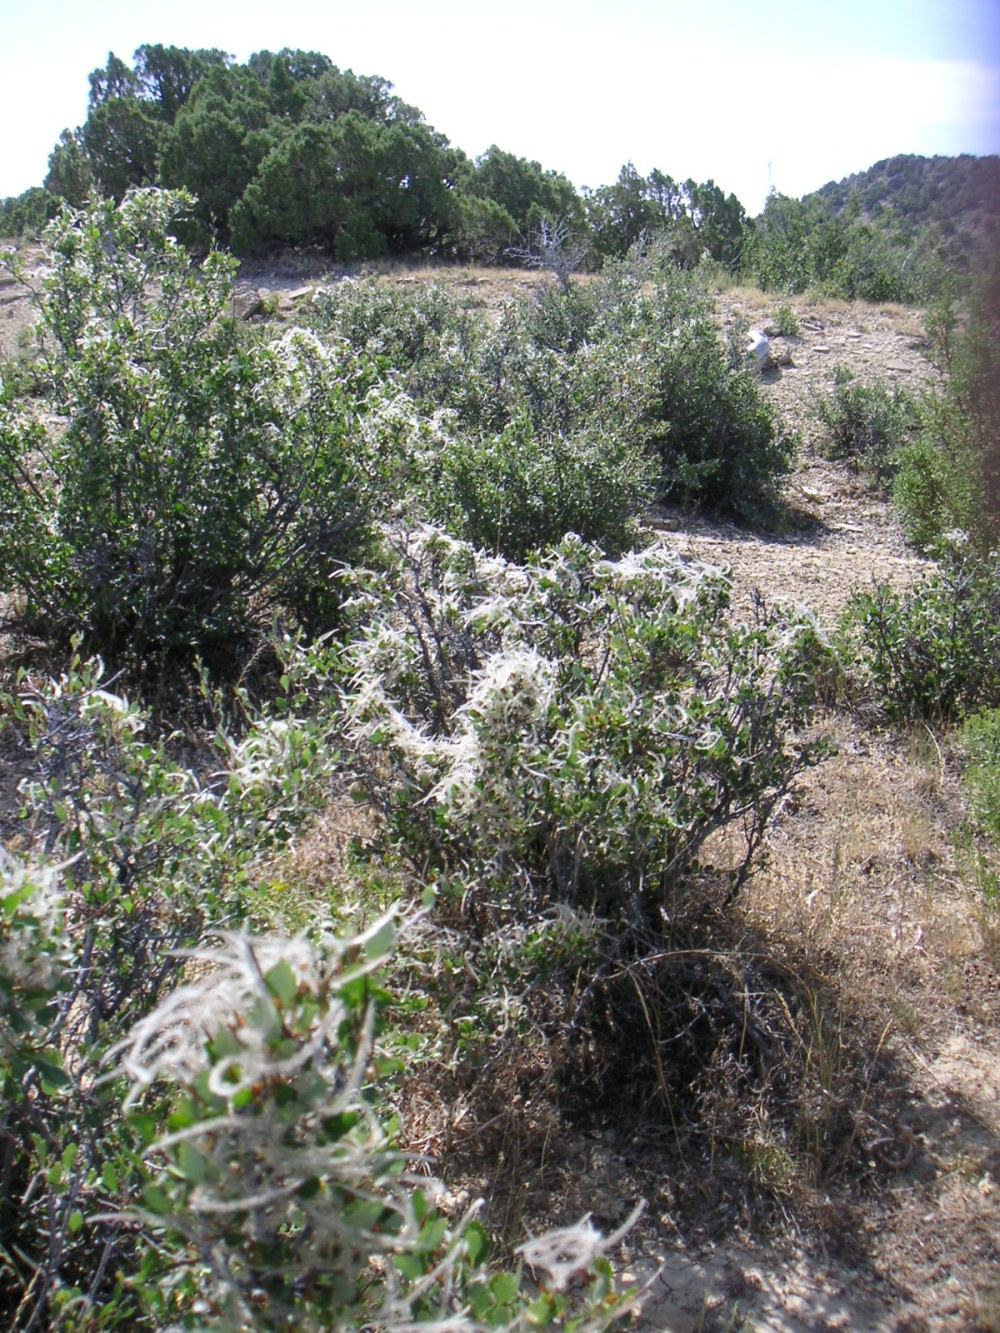 Hillside with Cercocarpus montanus